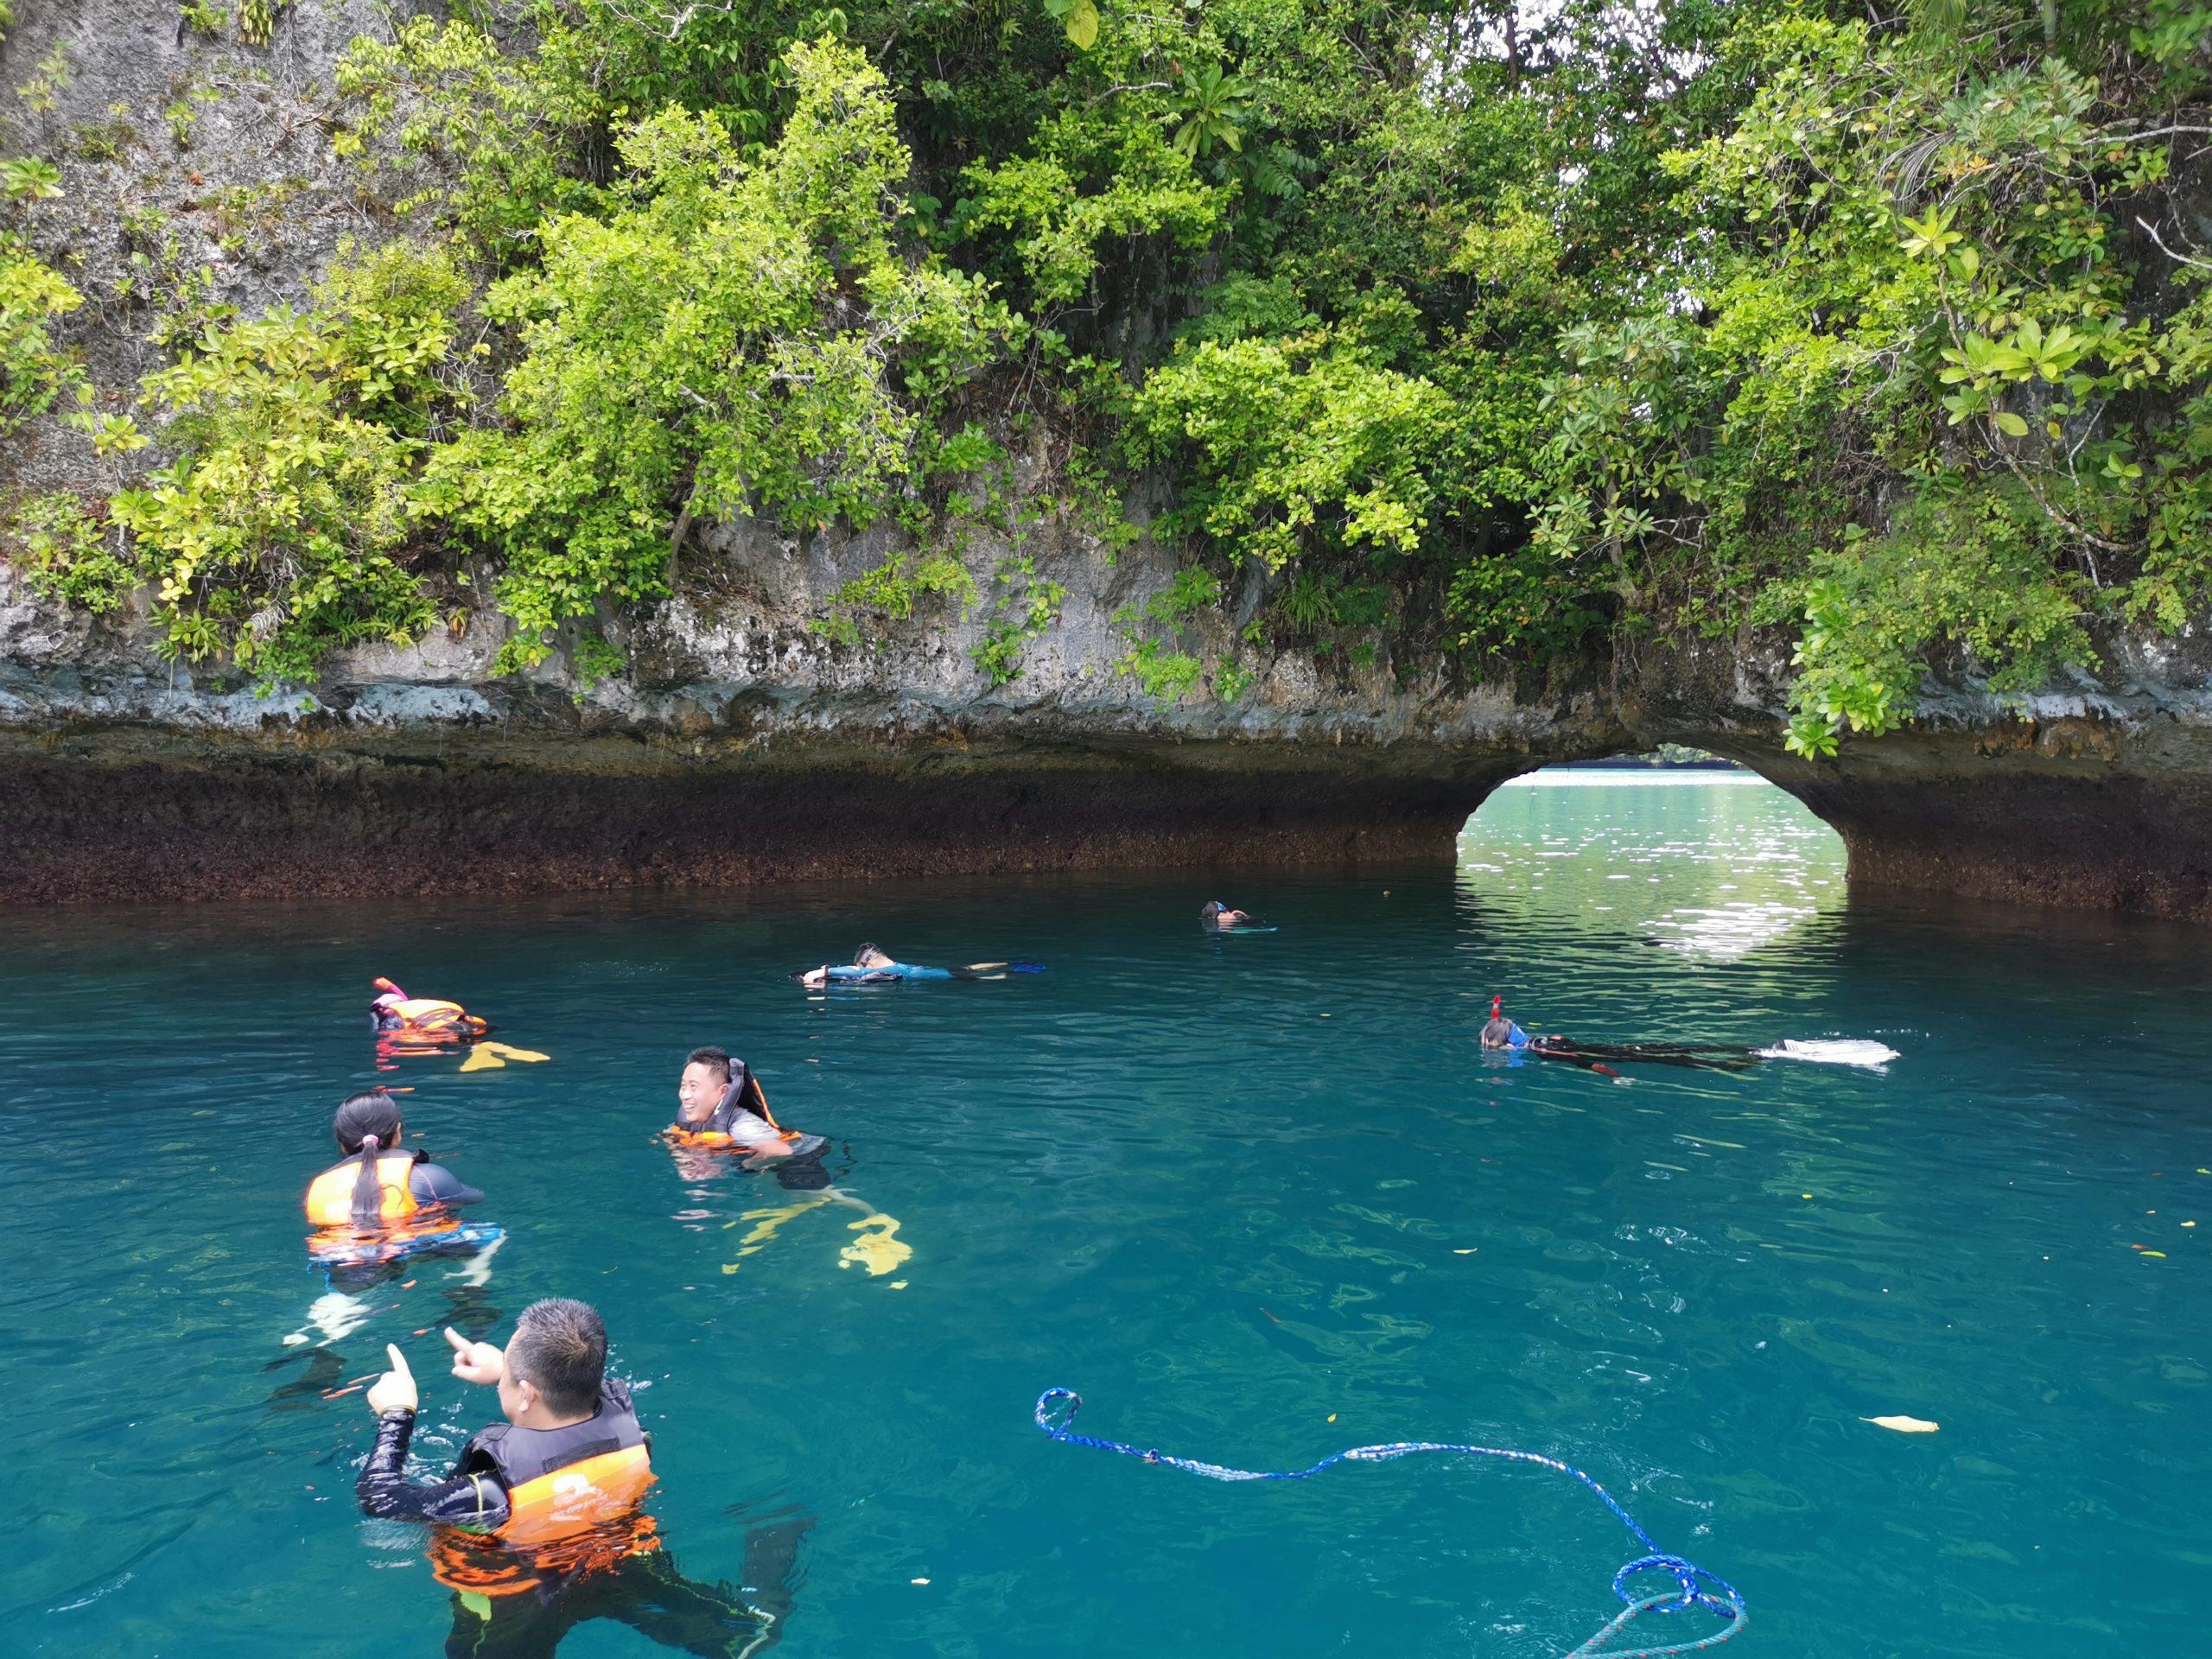 2021年帛琉旅遊,帛琉地標景點,帛琉旅遊,帛琉旅遊泡泡2.0,帛琉旅遊泡泡懶人包 @傑菲亞娃JEFFIA FANG